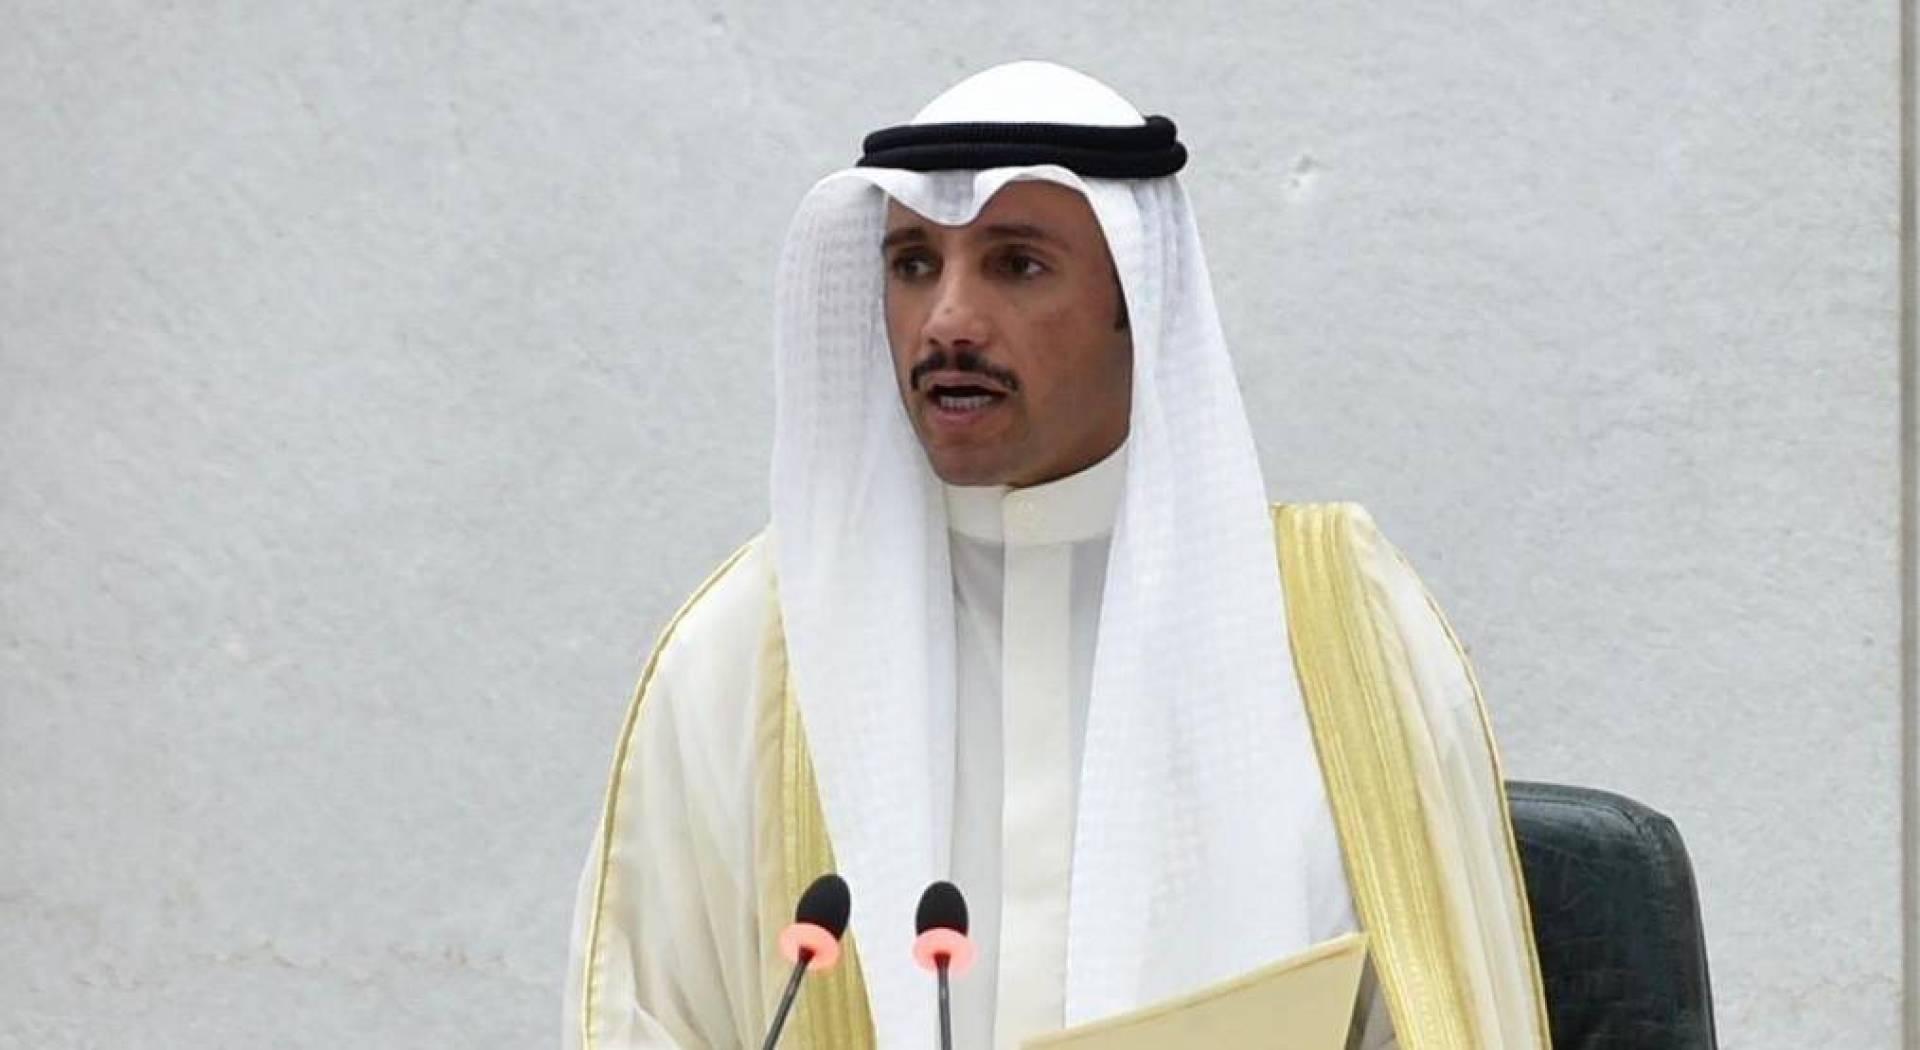 رئيس مجلس الأمة مرزوق الغانم